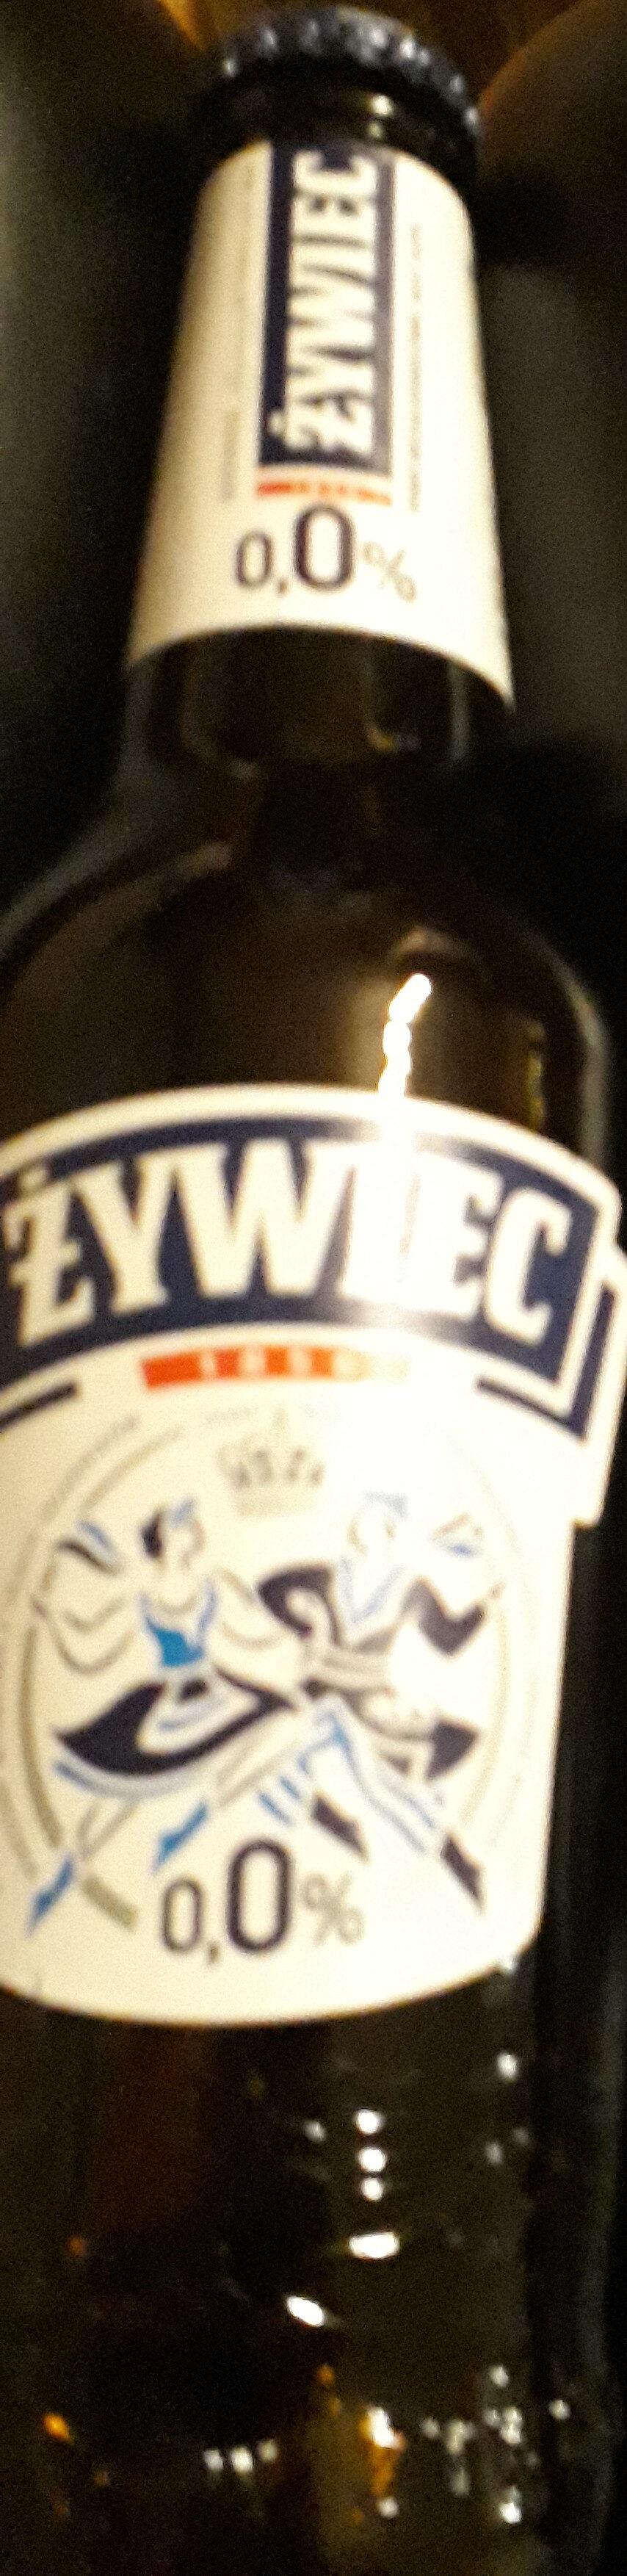 piwo bezalkoholowe żywiec 0,0 % - Produkt - pl